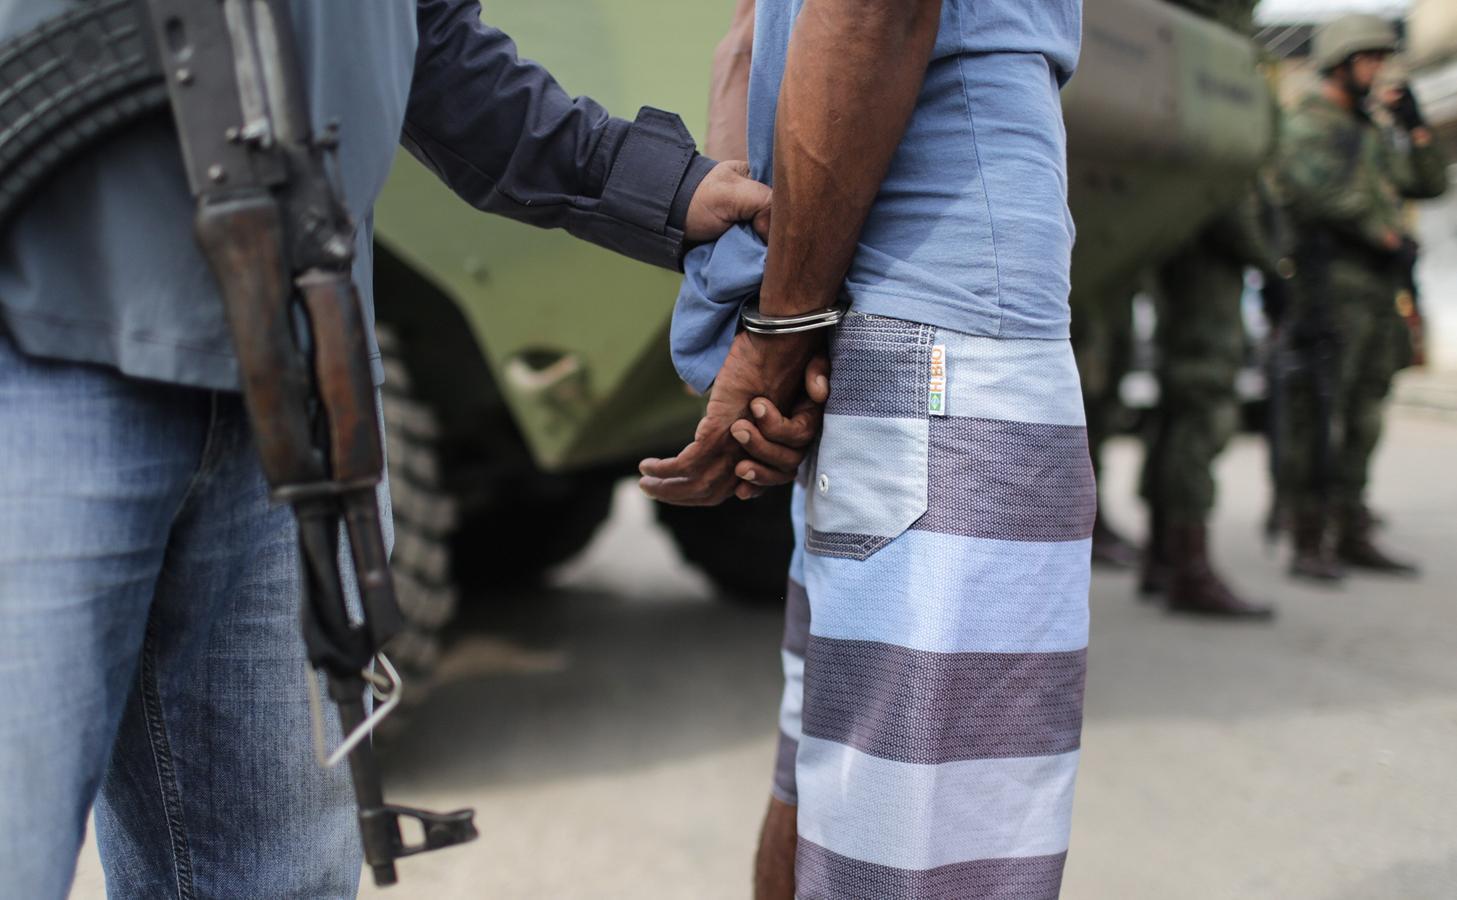 Las autoridades brasileñas han intervenido en las favelas brasileñas para detener la ola de violencia surgida en las últimas semanas